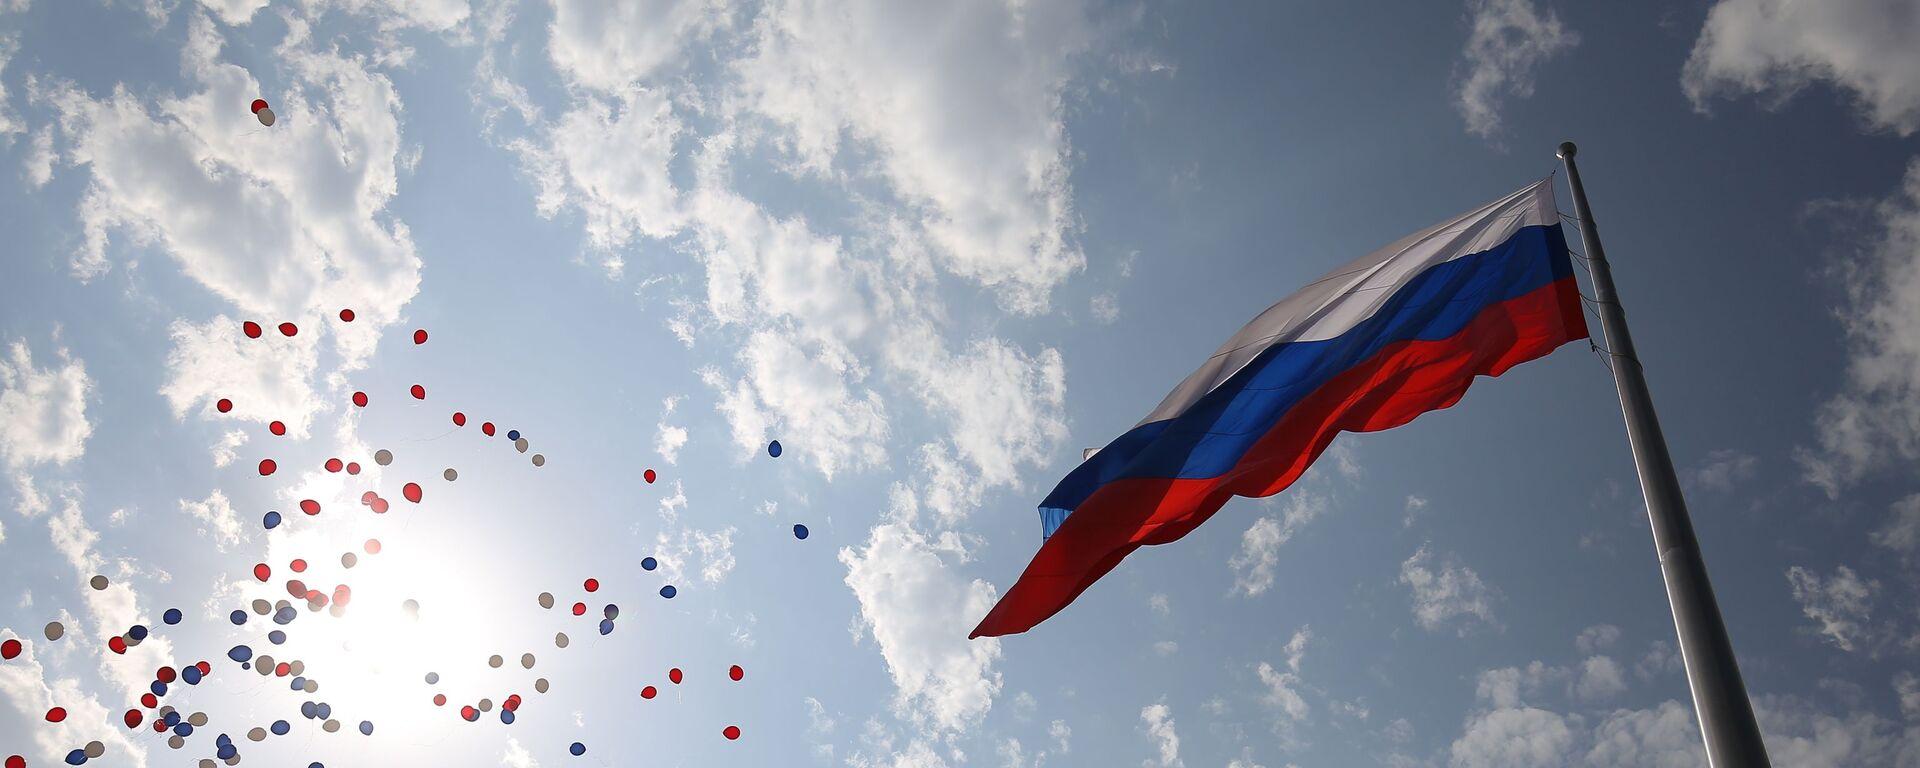 Obchody Dnia Flagi Państwowej Federacji Rosyjskiej w Krasnodarze - Sputnik Polska, 1920, 29.07.2021